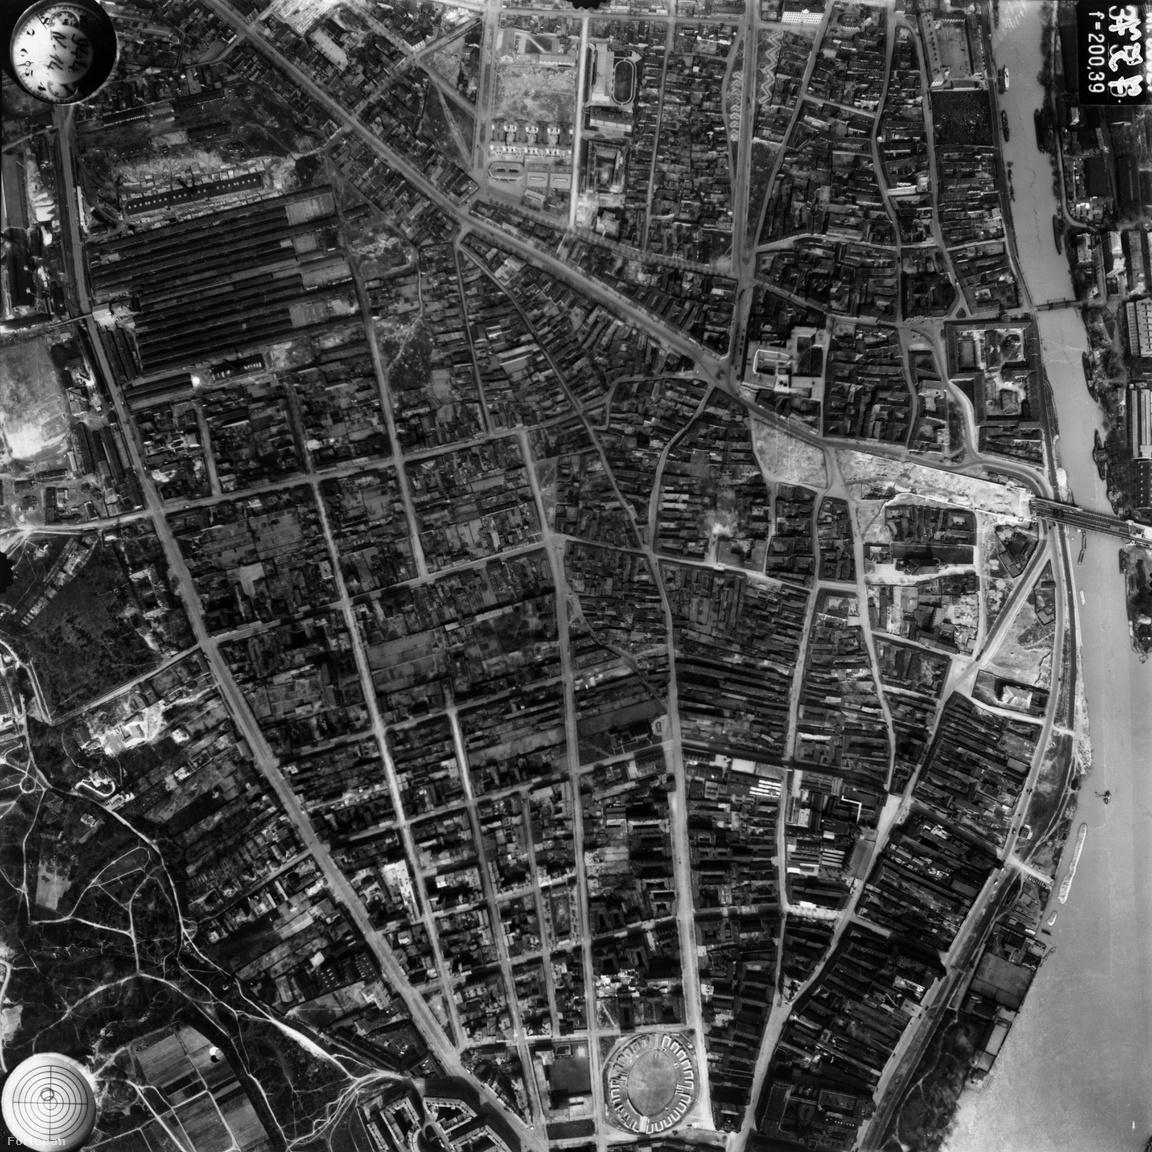 Sokkal durvábban alakították át a várost a háború utáni évtizedek Óbudán. Az eredeti                         utcaszerkezetnek csupán a nyoma maradt meg, s az egykori kis házakból is csak hírmondónak                         hagytak meg egy párat. Hogy mennyire lehetett itt jó lakni, az persze más kérdés, hiszen                         elképesztően sűrű volt a beépítés. Ennyire aprómintás patchworköt sehol nem találunk a Budapest-                         térképen. Ennek ellenére simán elfért a szűk utcákon a villamos is: nézzétek, épp ott fordul be a Fő                         téren.